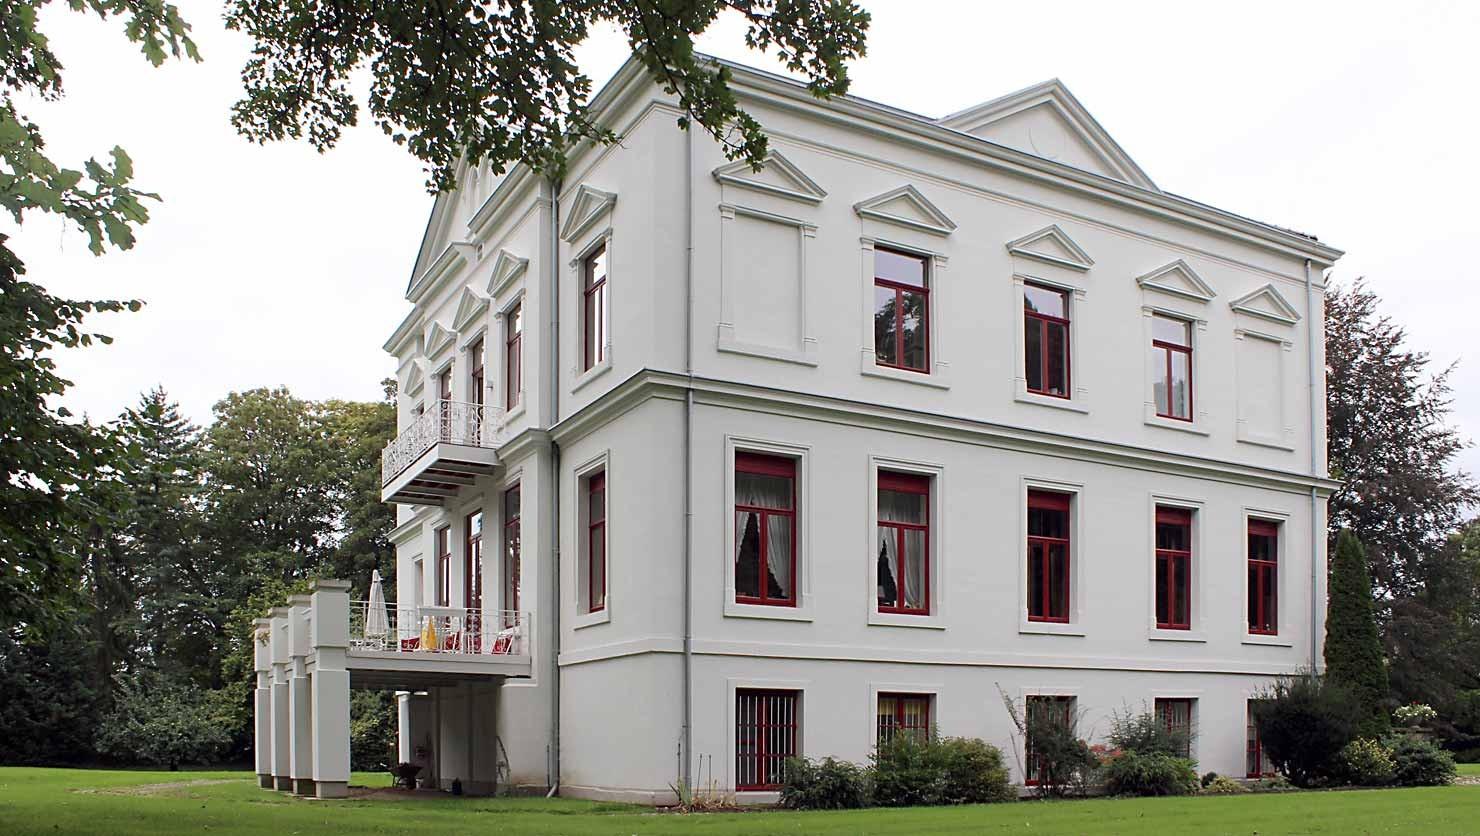 Herrenhaus nach ausgeführten Abbeiz-, Stuckrestaurierungs- und Malerarbeiten